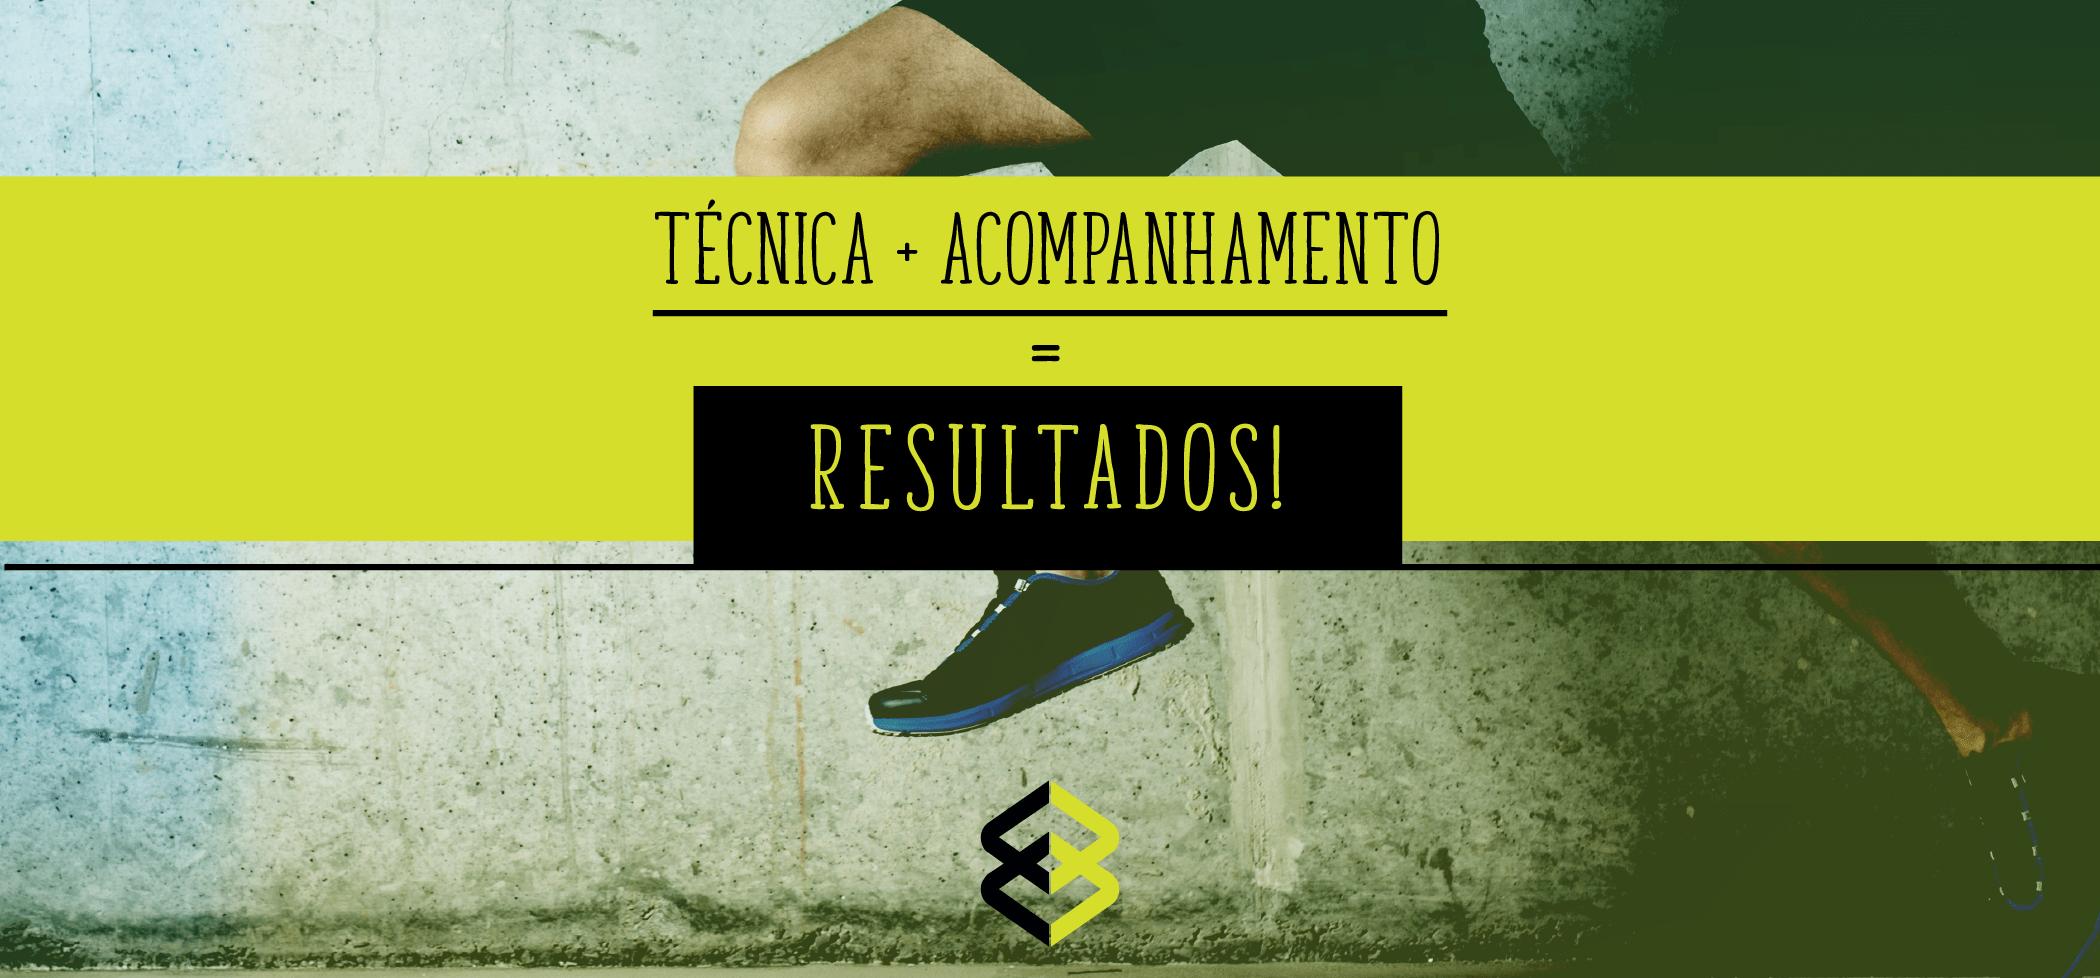 motivação rotina de exercícios Academia em Rio Preto Personal training Rio Preto Bio Wellness Studio